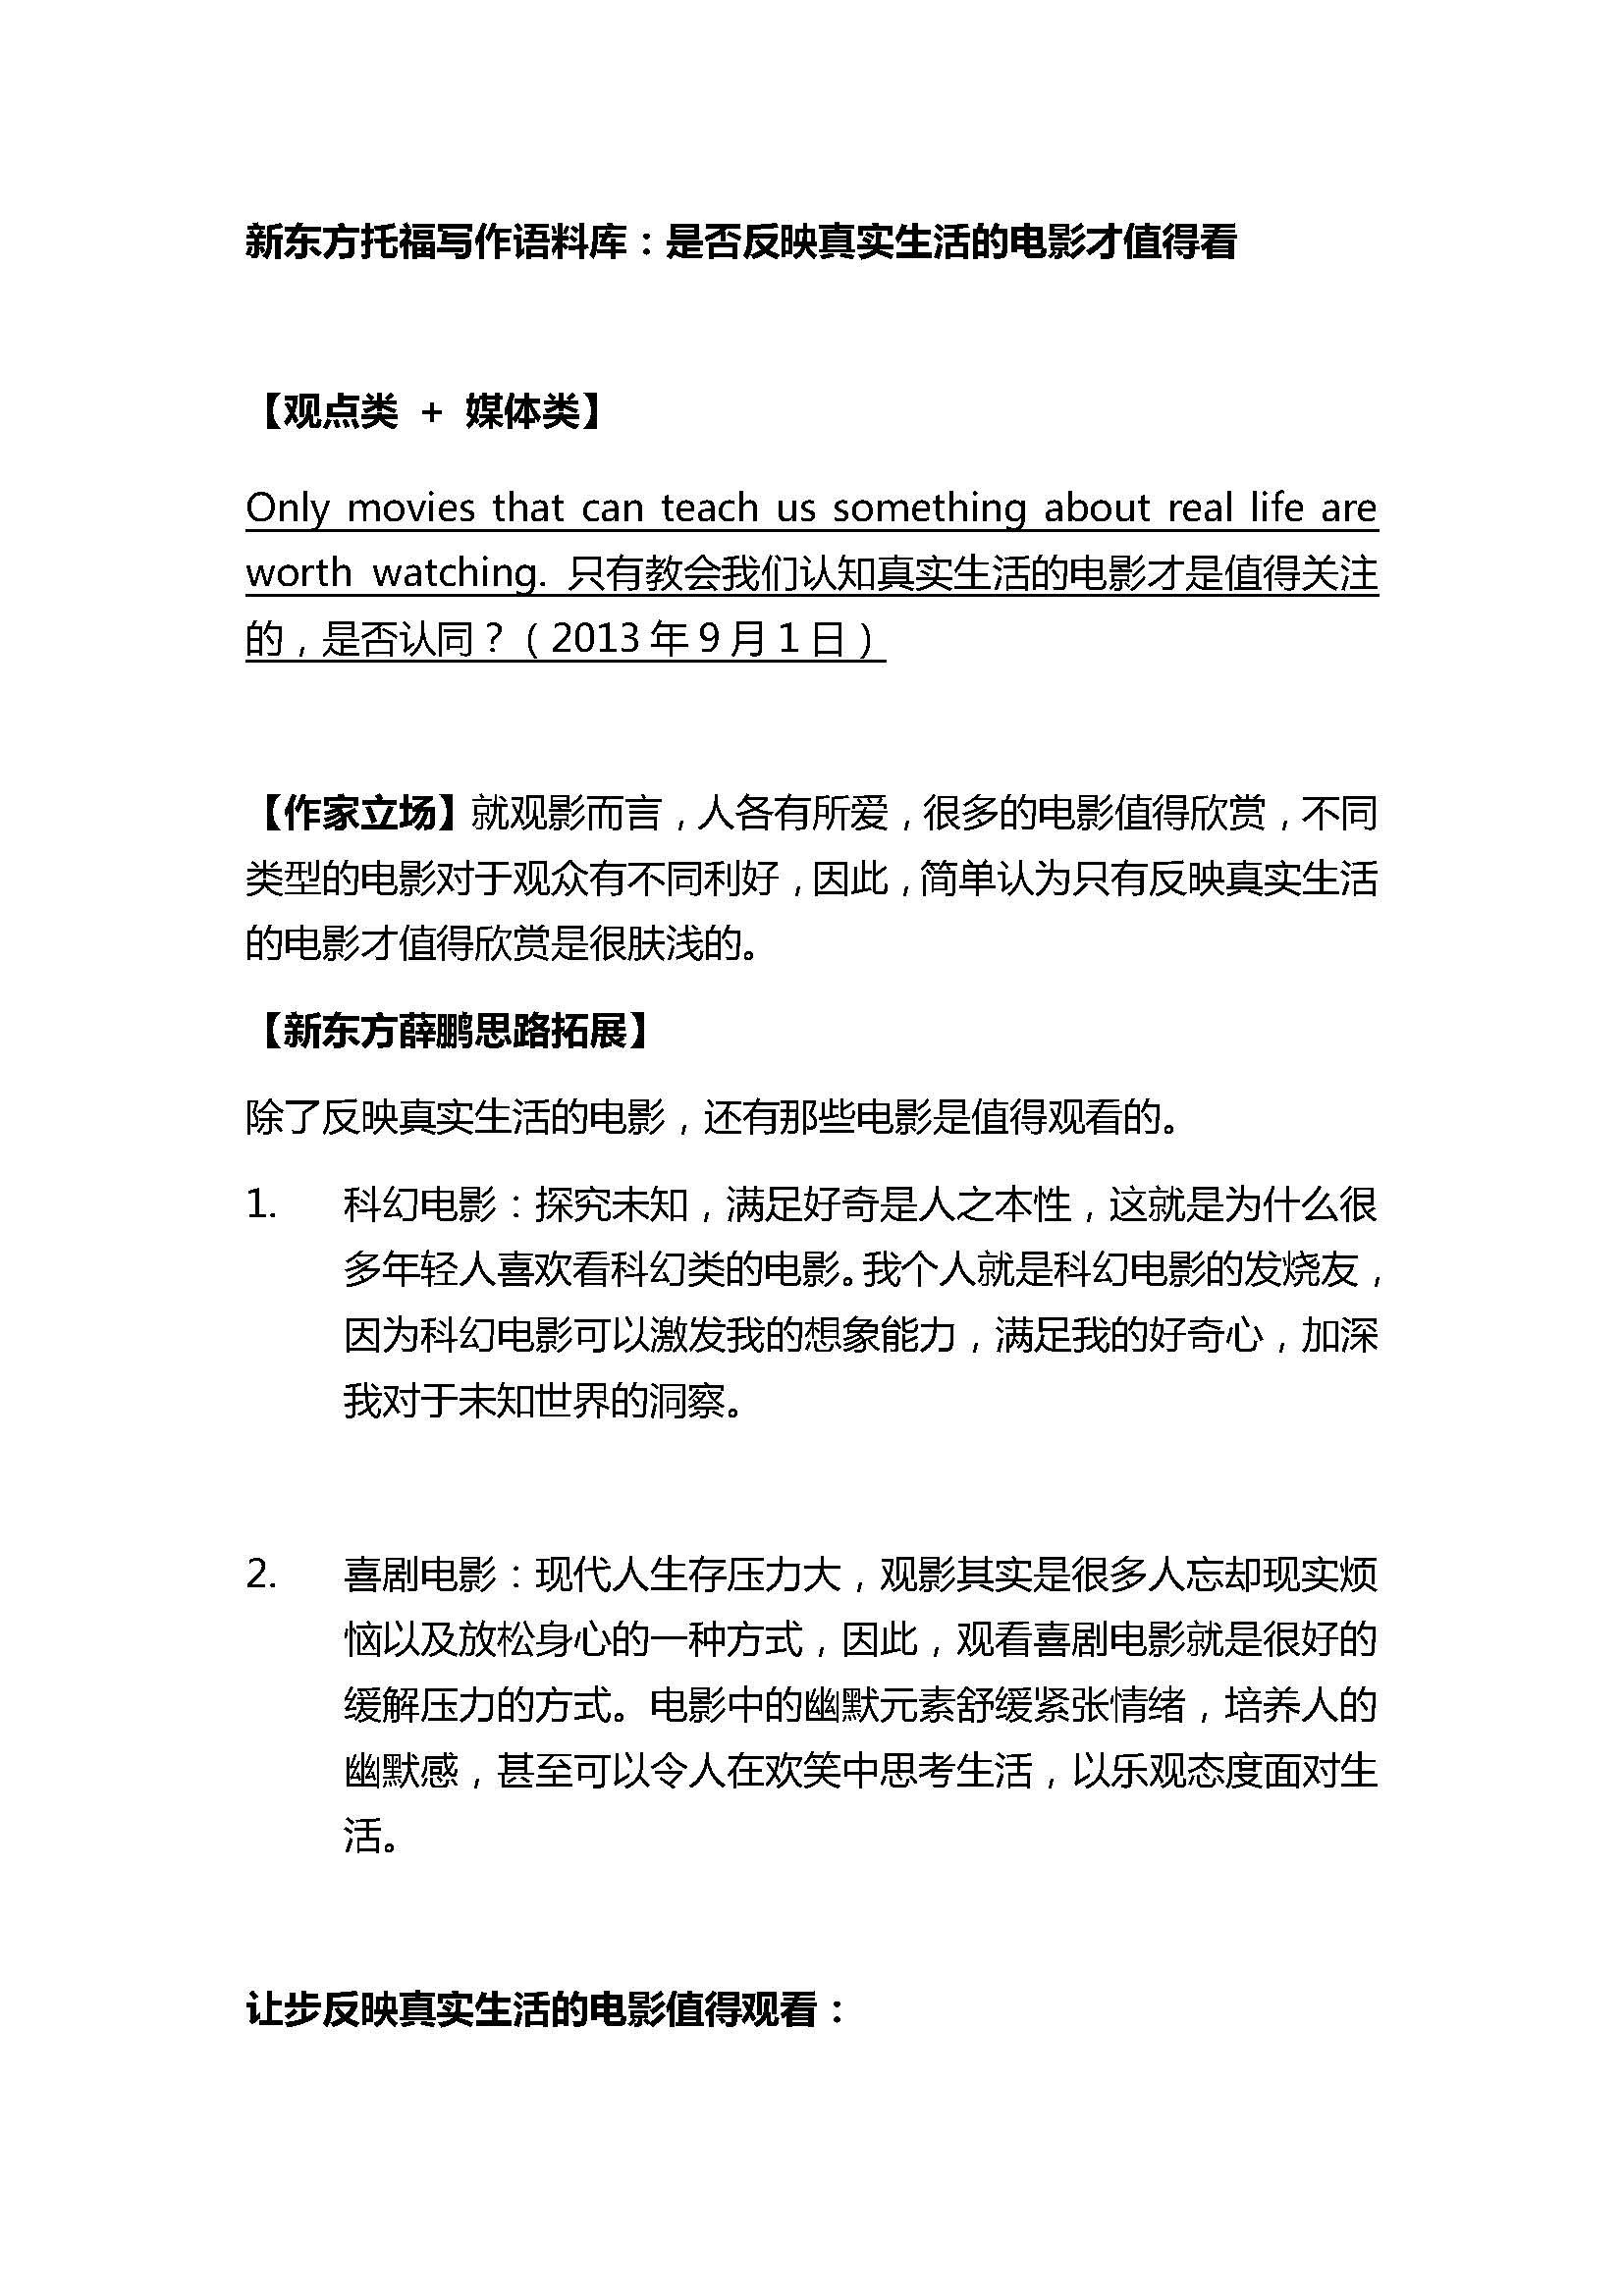 新东方薛鹏原创托福写作语料库:是否反映真实生活的电影才值得看